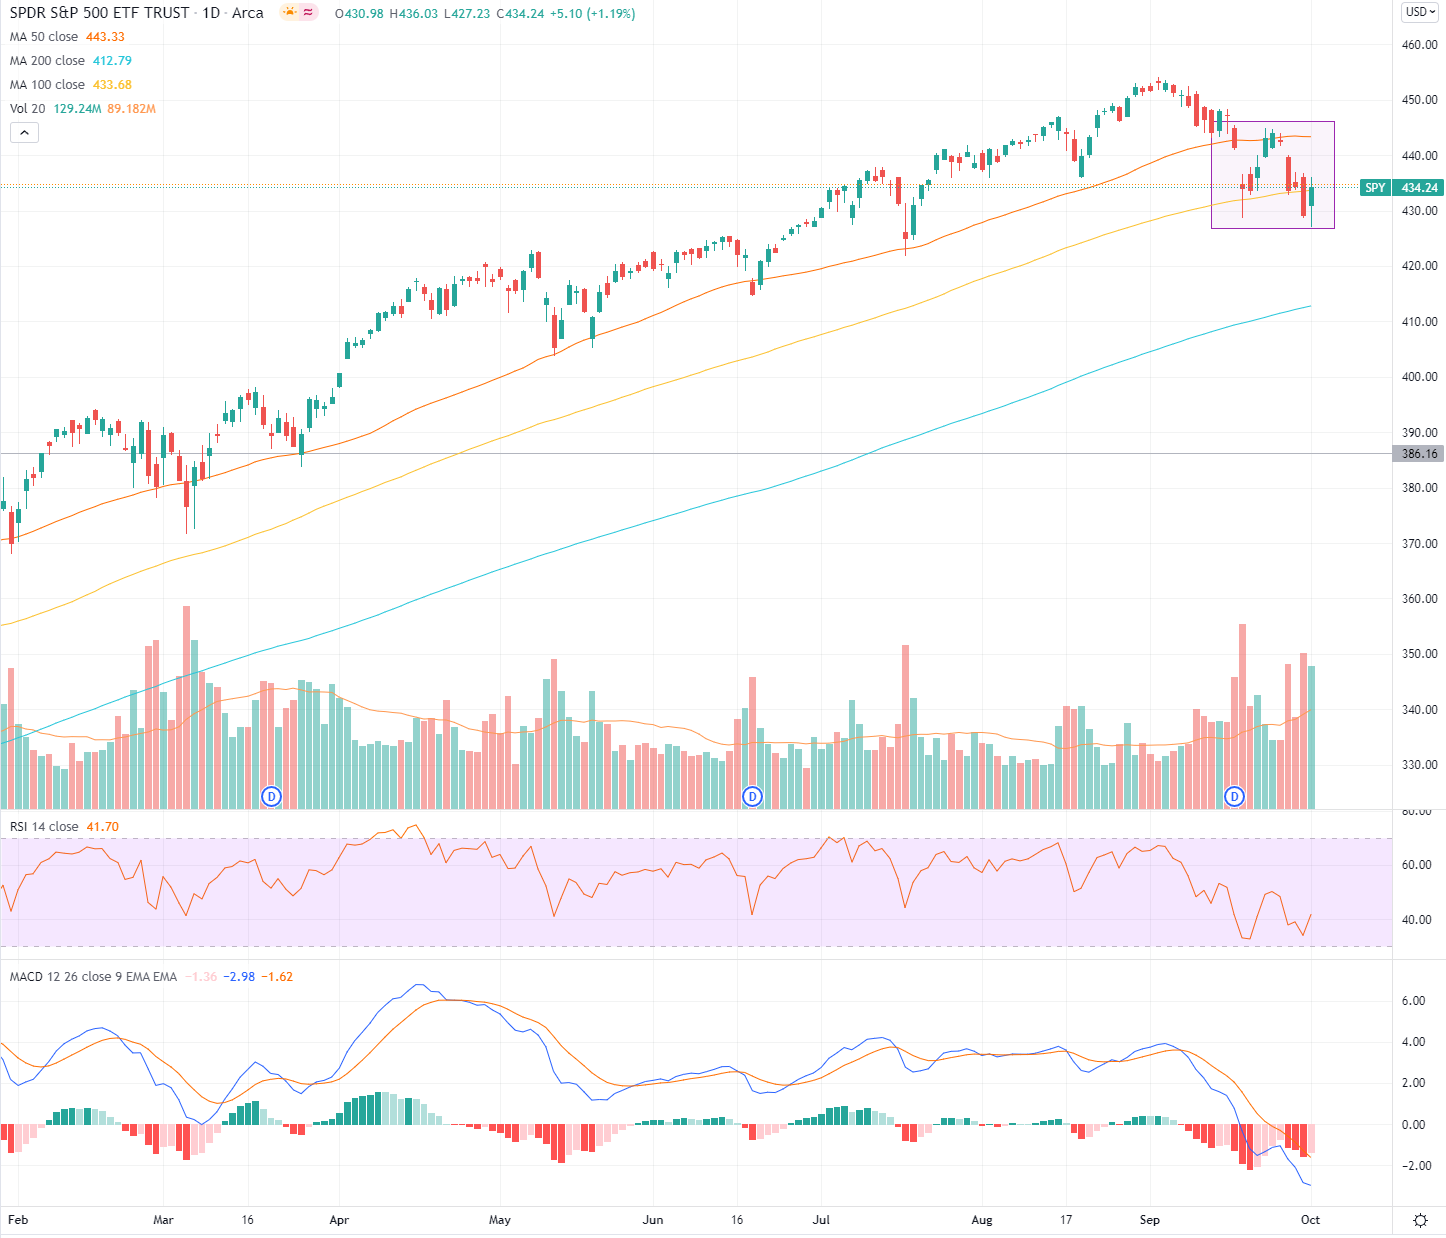 SPDR S&P 500 Chart Oktober 2021